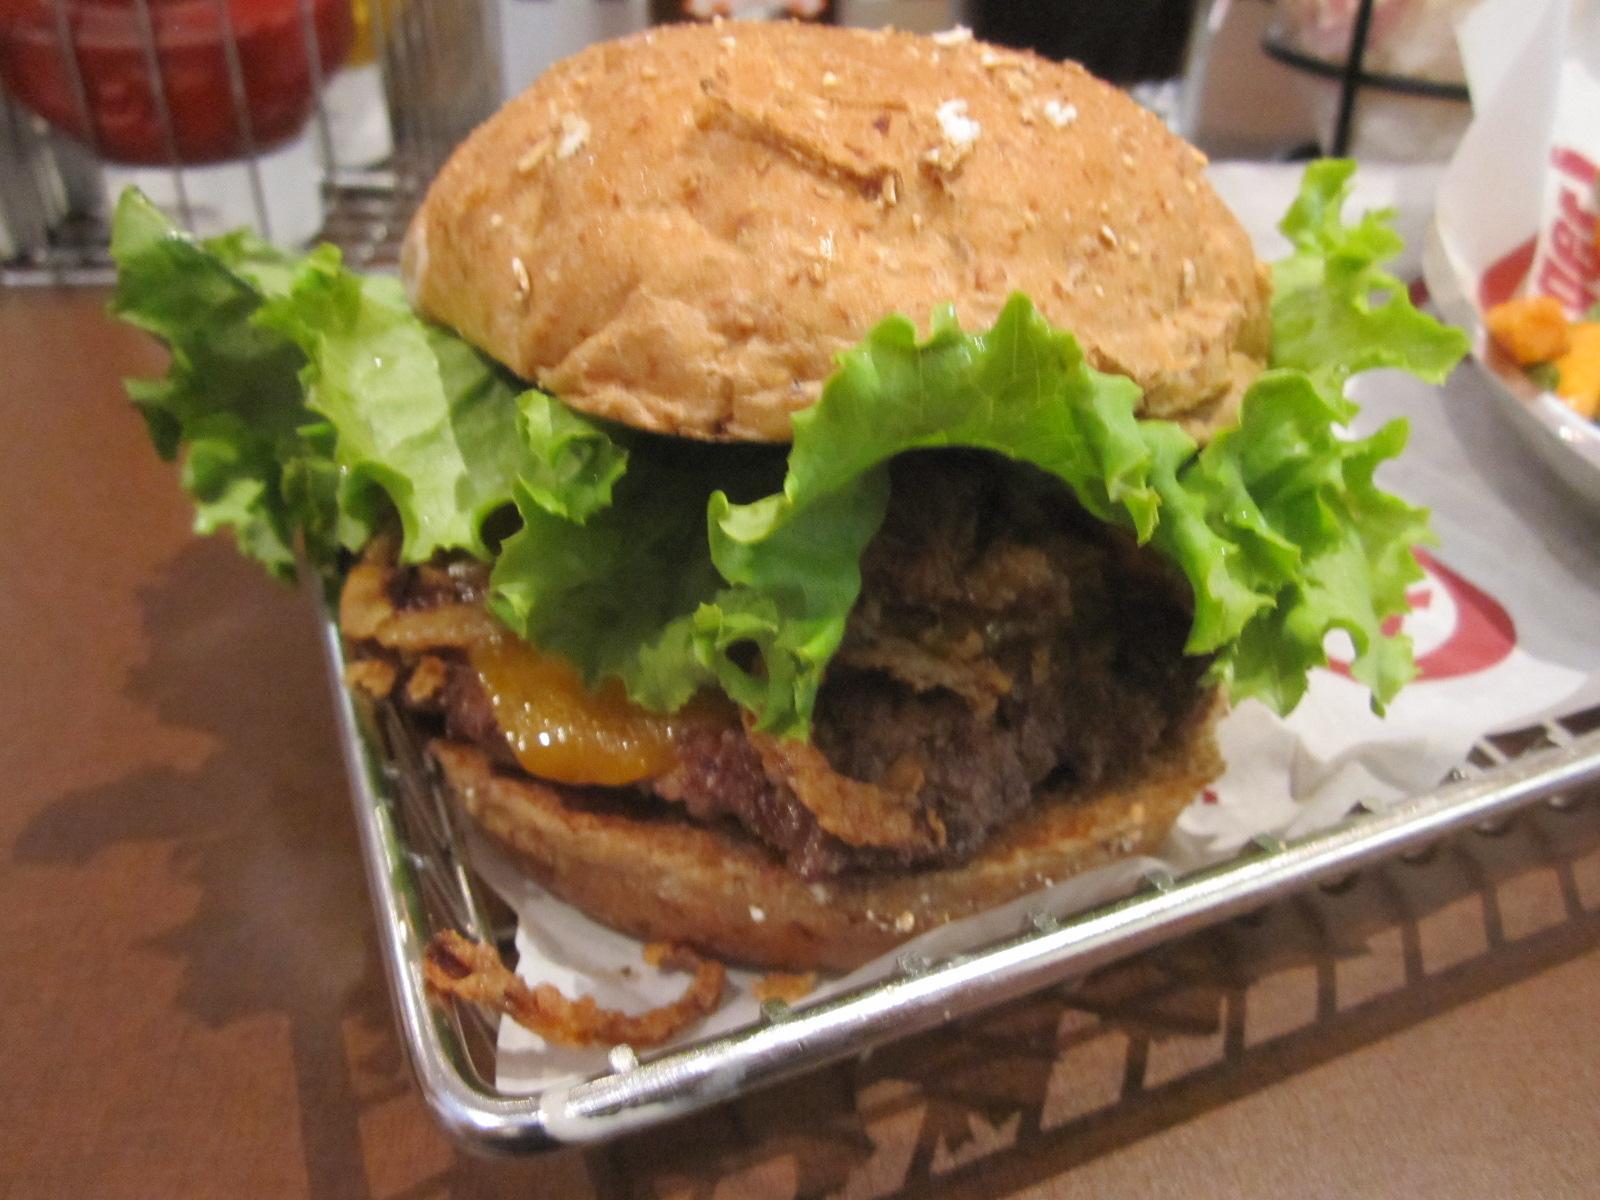 Cara burger wedding